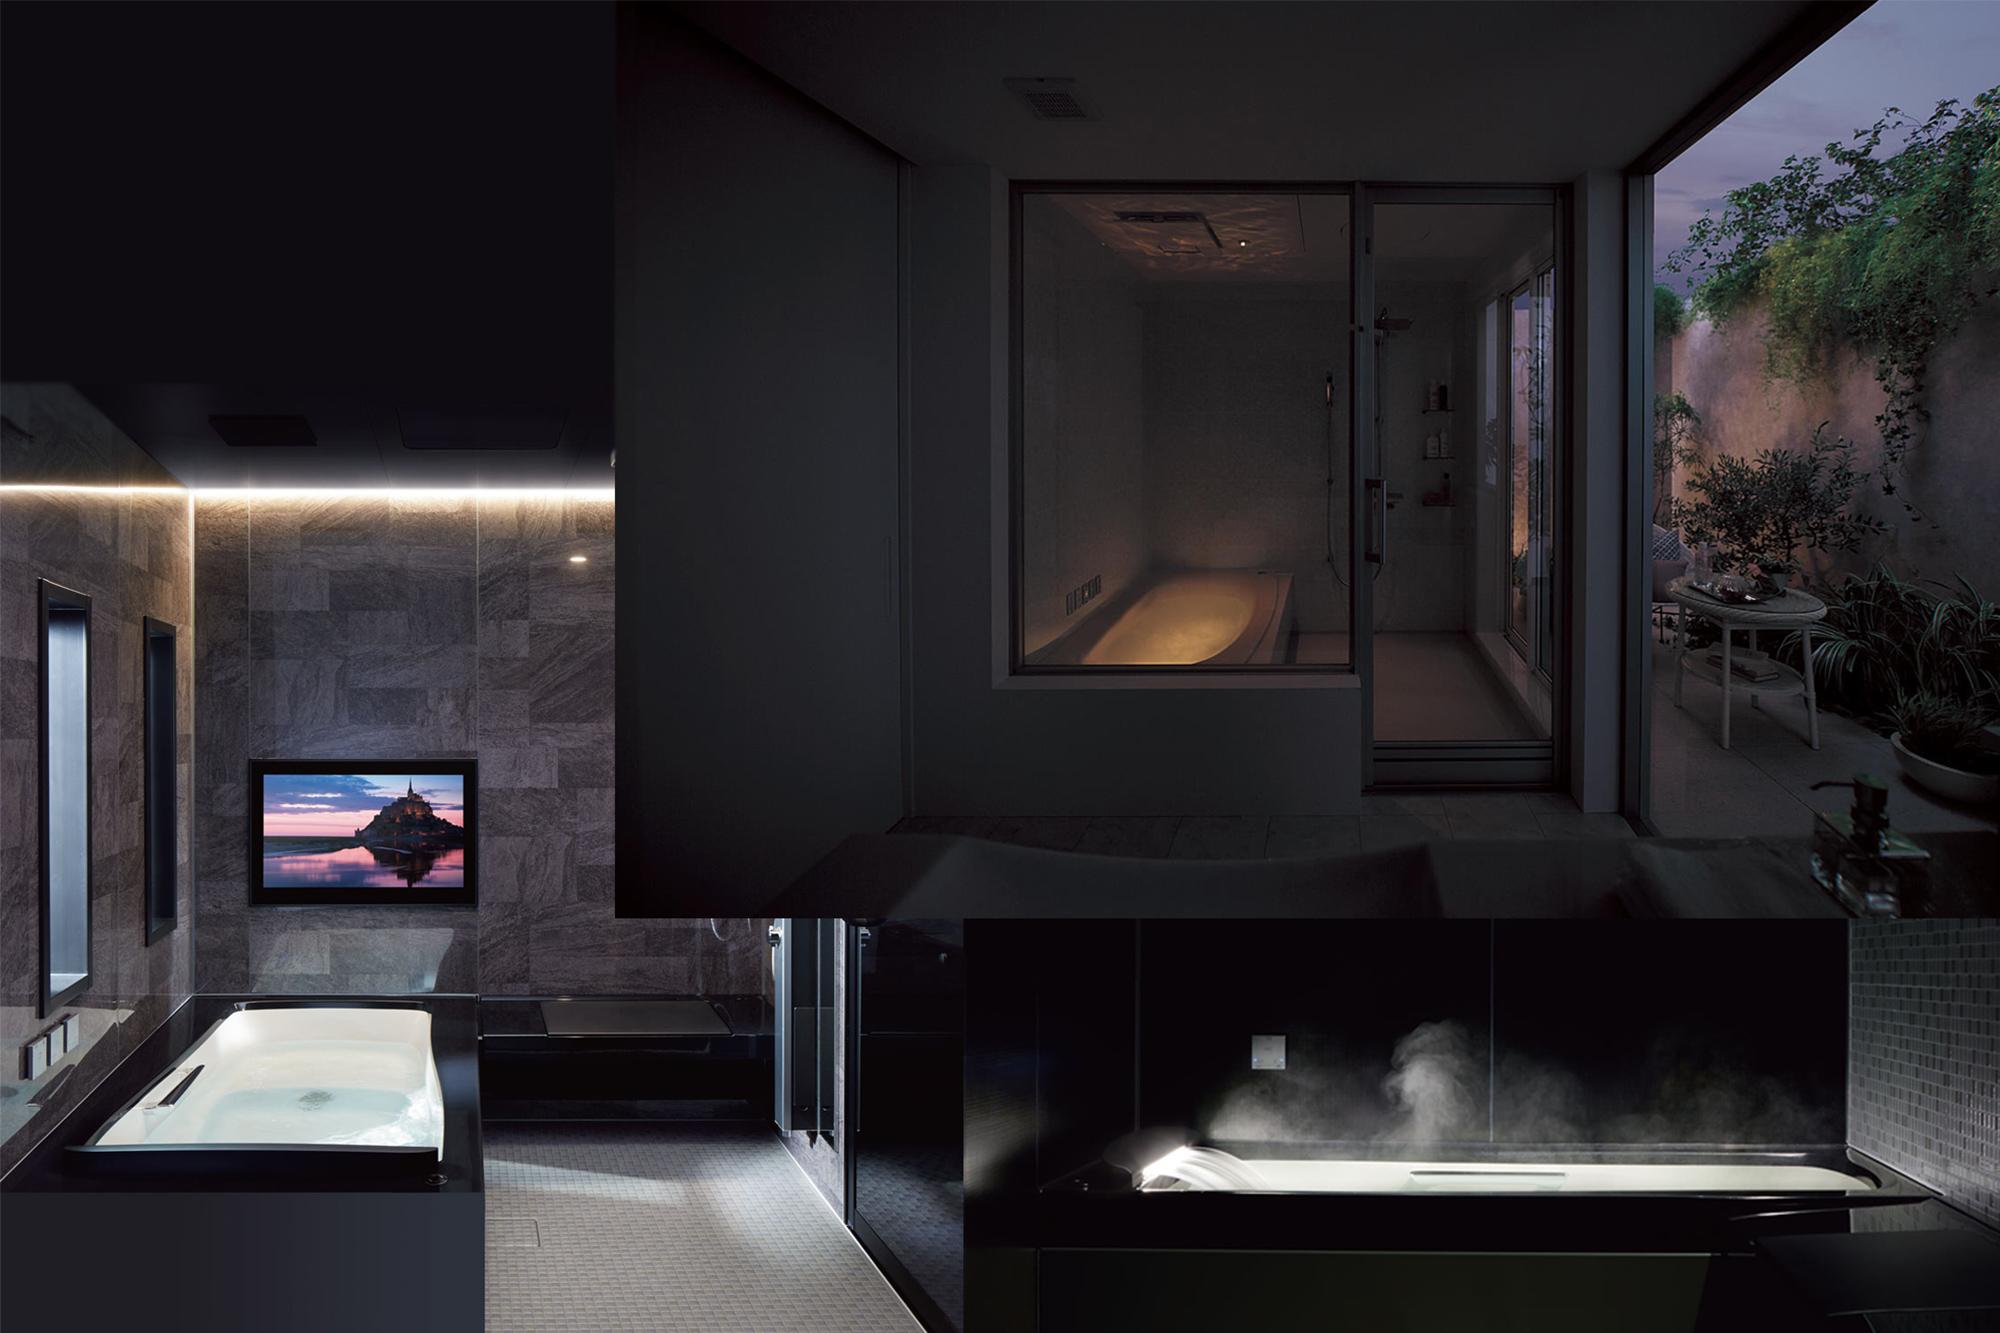 演出照明や打たせ湯機能、大型モニターでシアタータイムも。